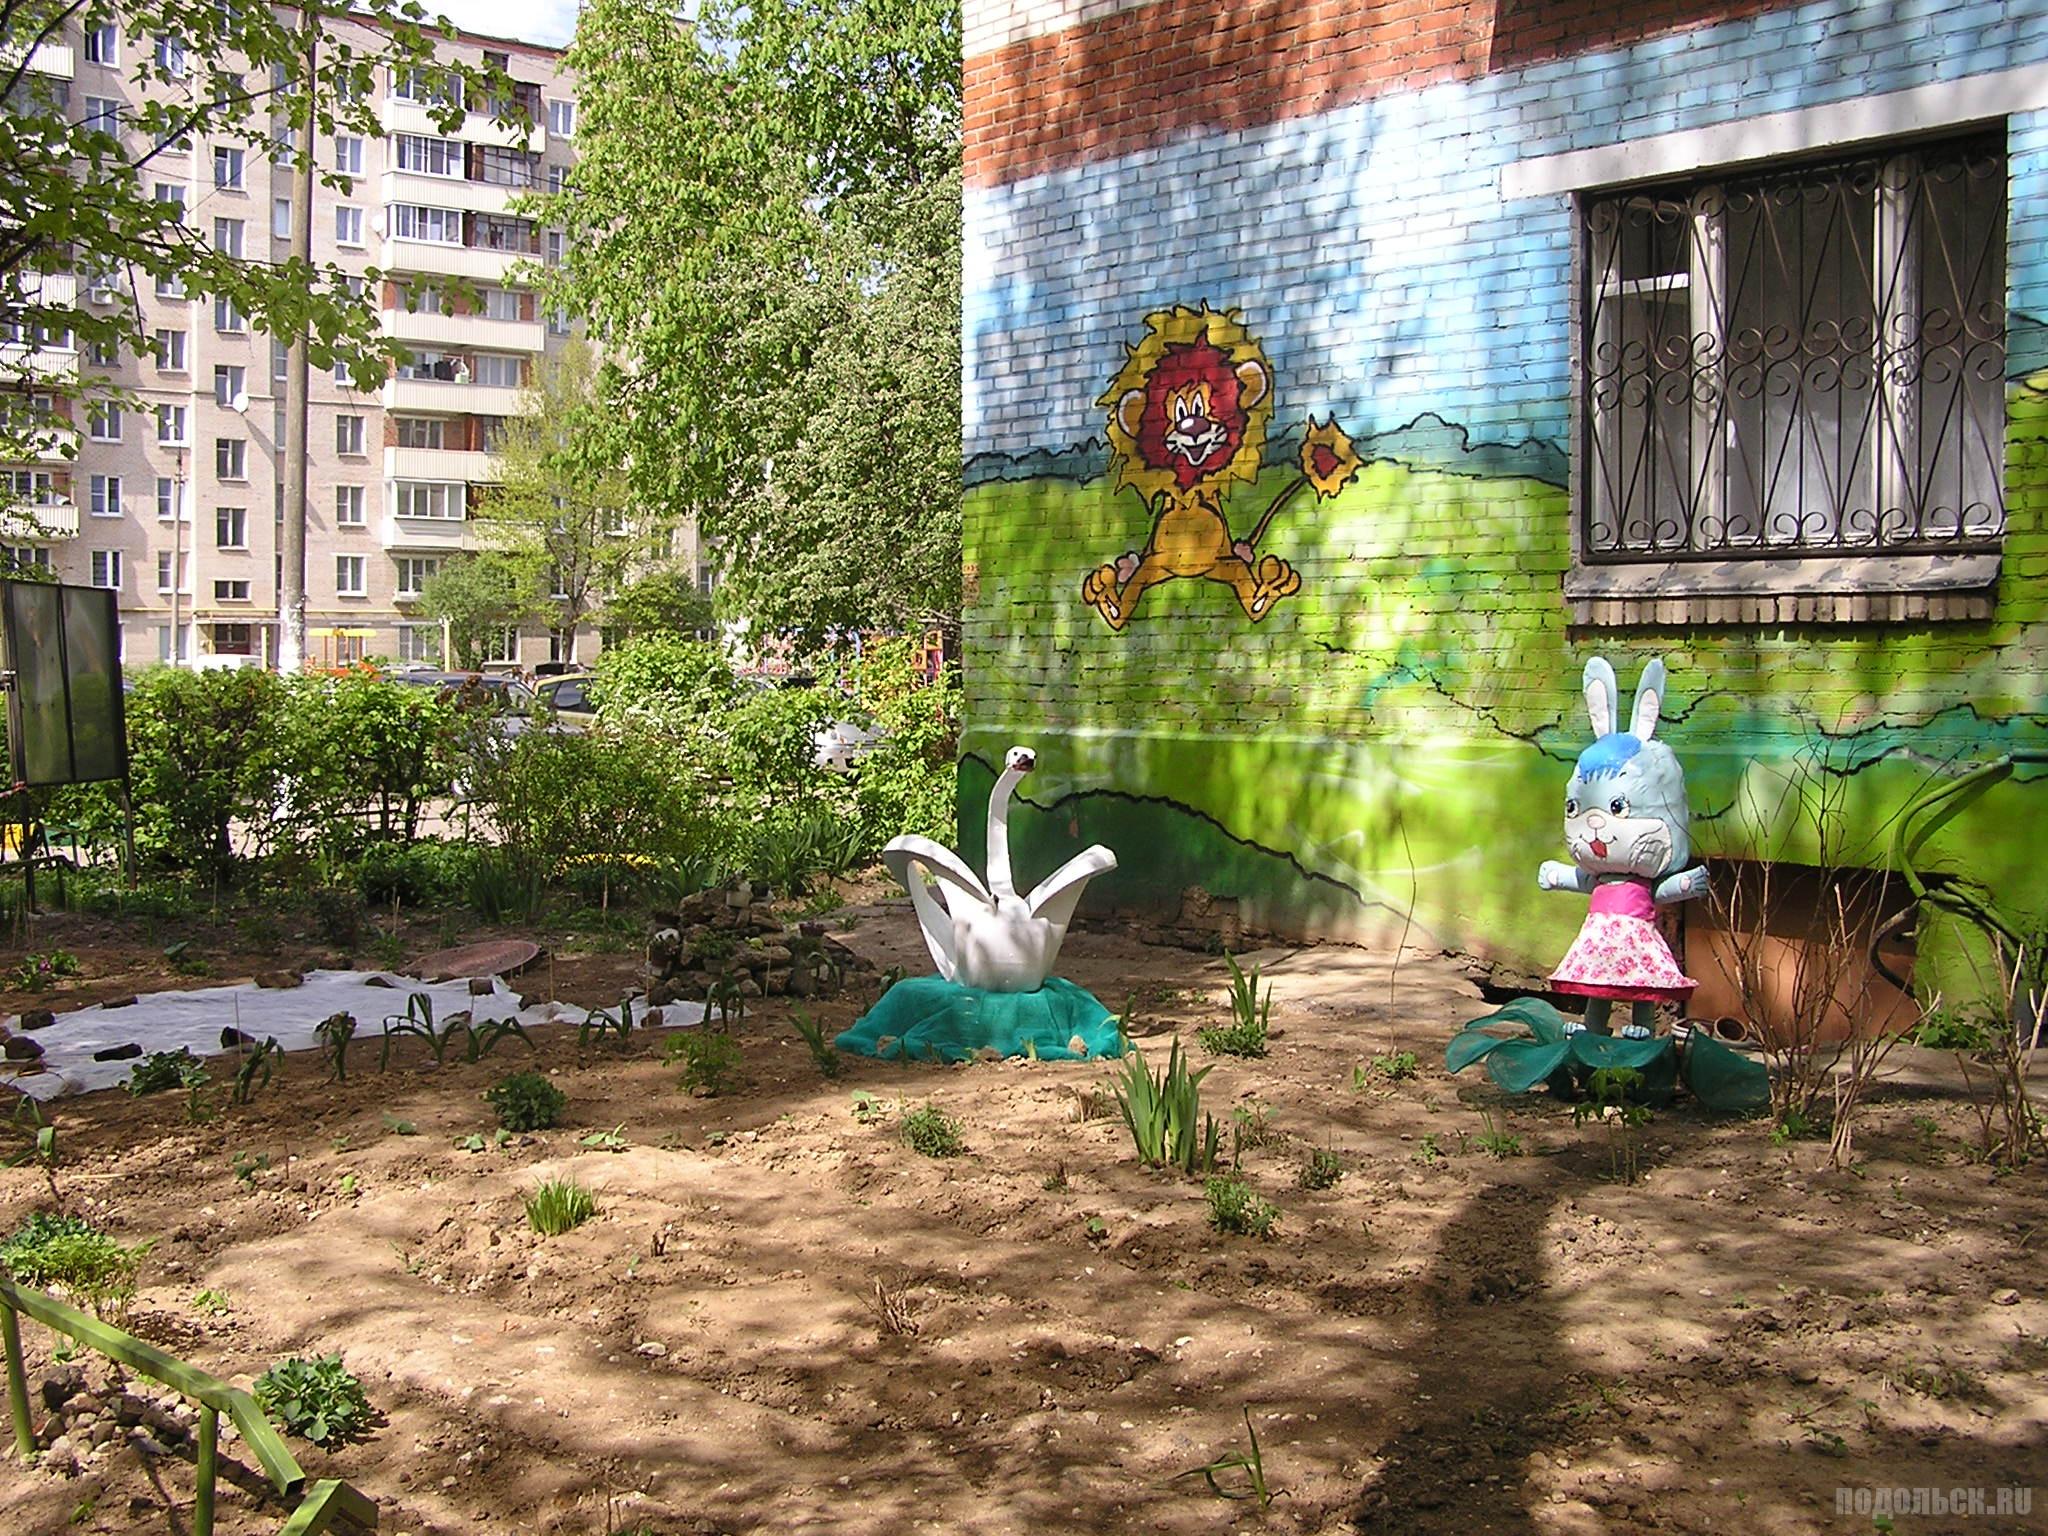 Двор в начале улицы Свердлова. 6 мая 2019